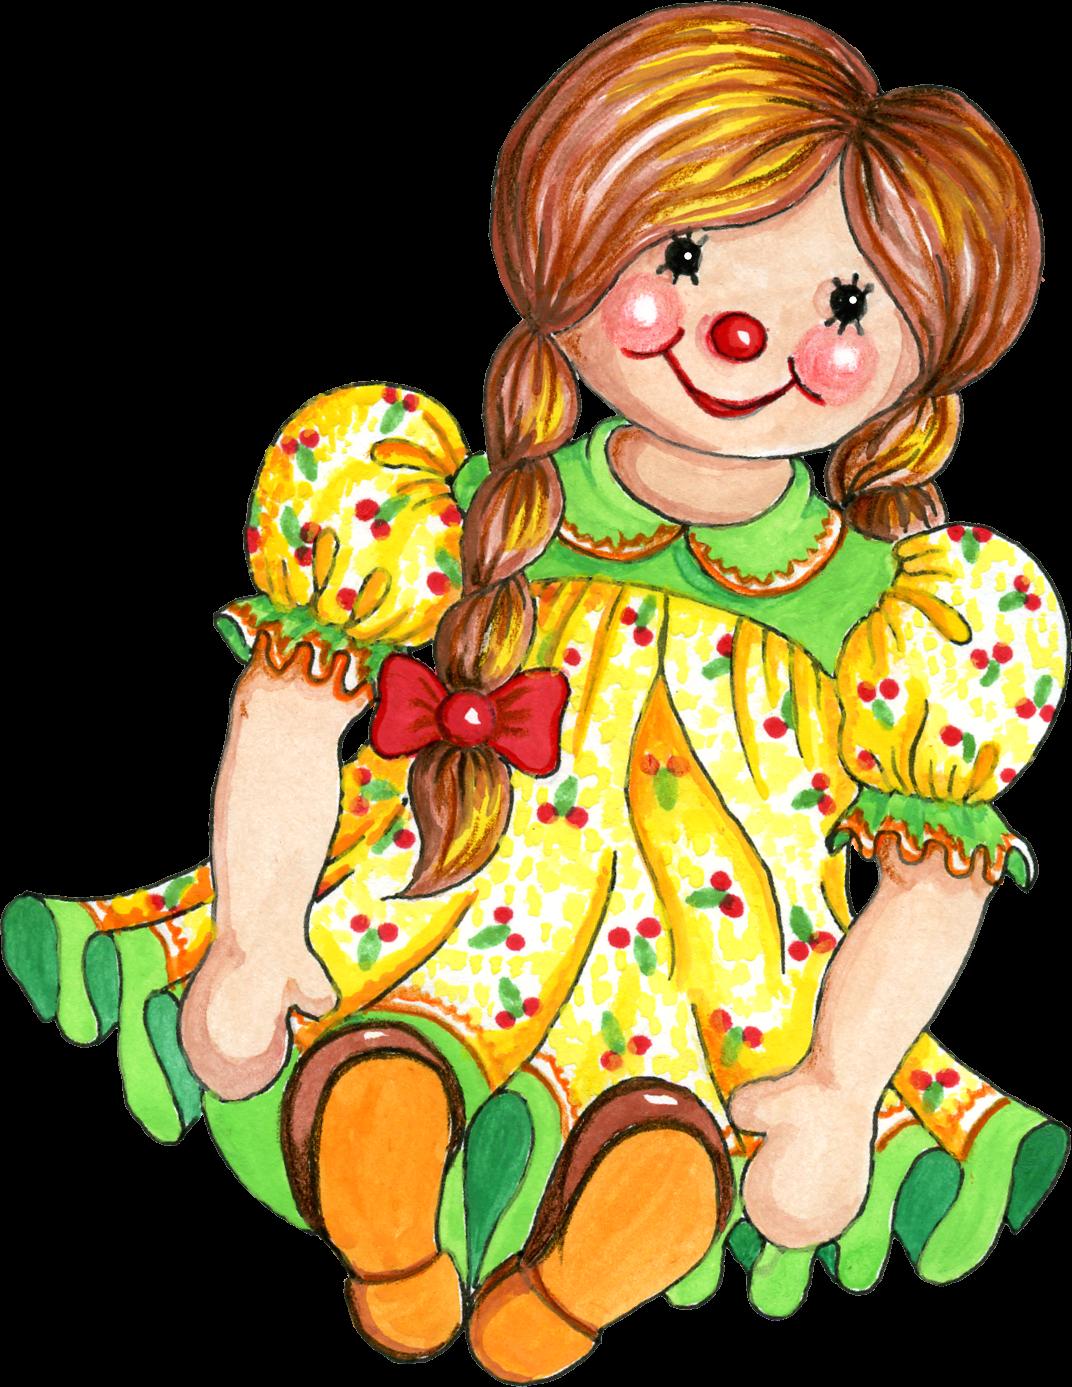 новосибирске, картинки пнг куклы покрытие